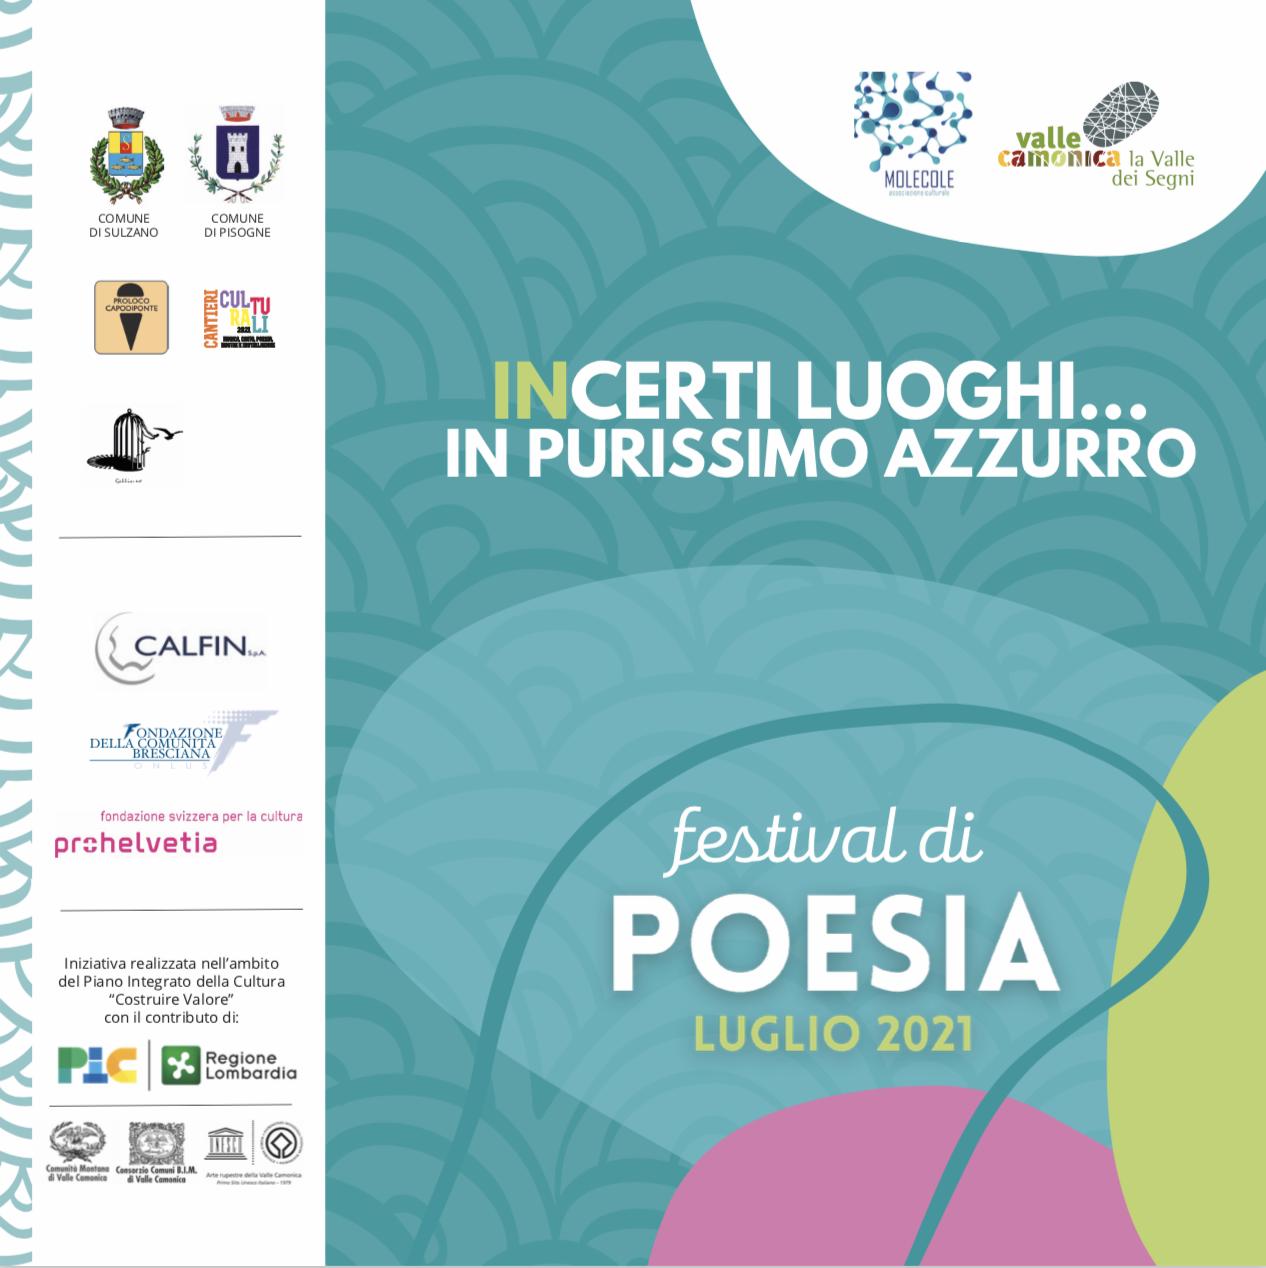 locandina incerti luoghi in purissimo azzurro - festival di poesia 2021 - molecole